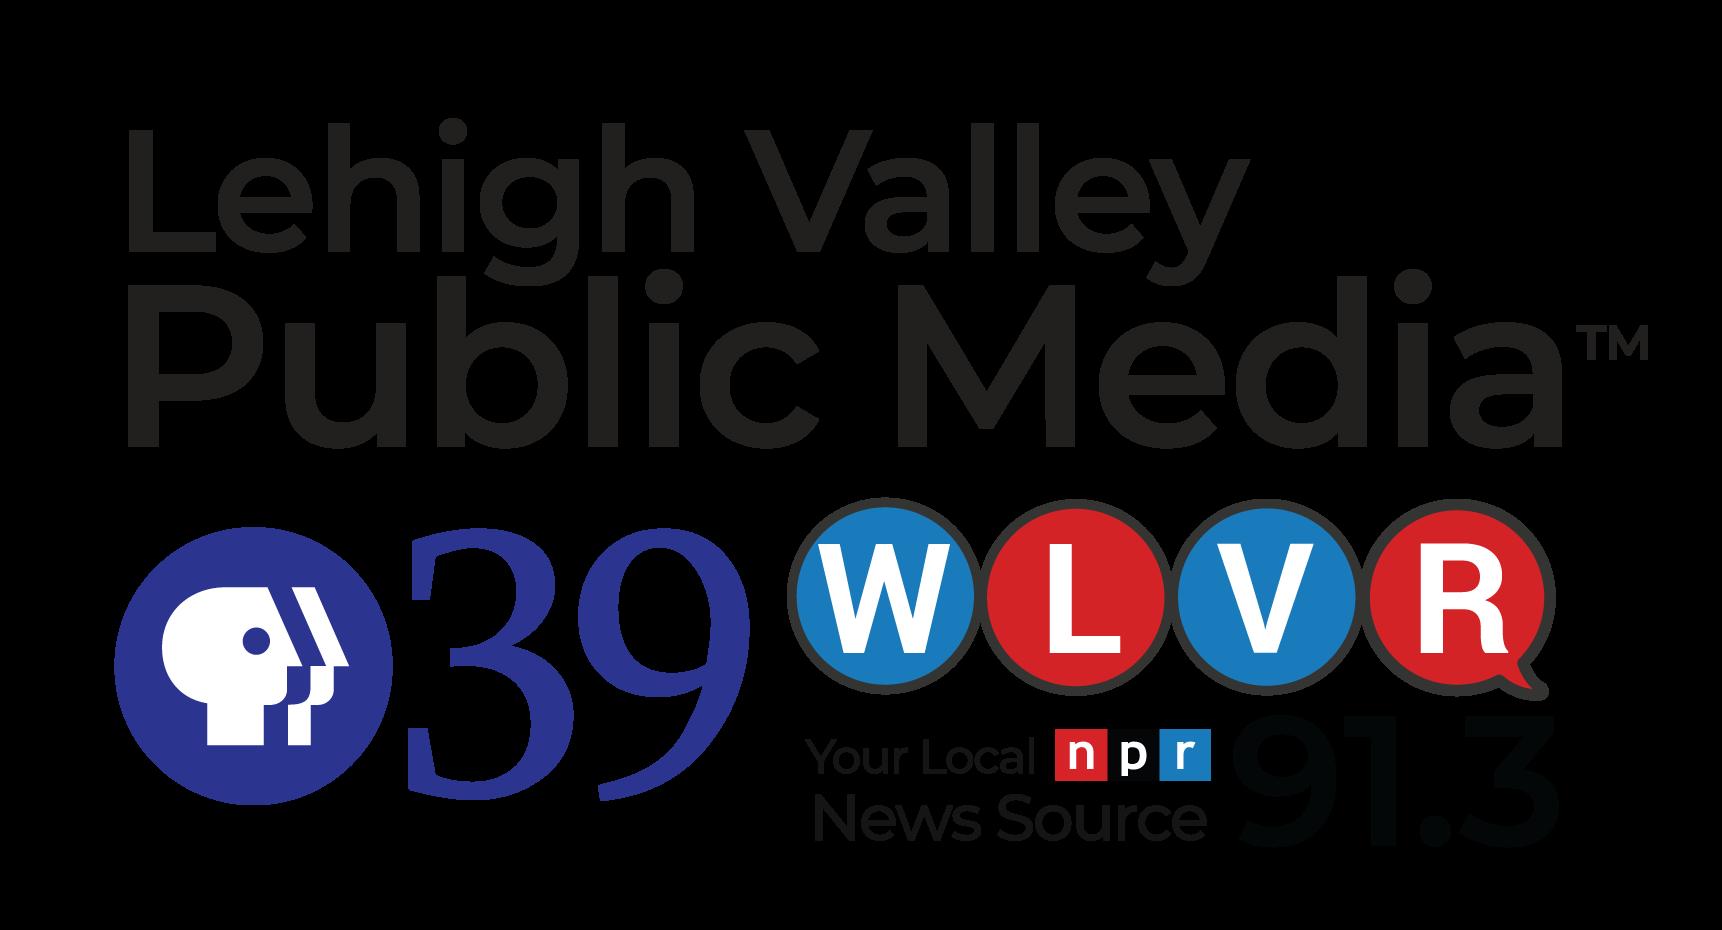 Lehigh Valley Public Media/PBS39 Company Logo